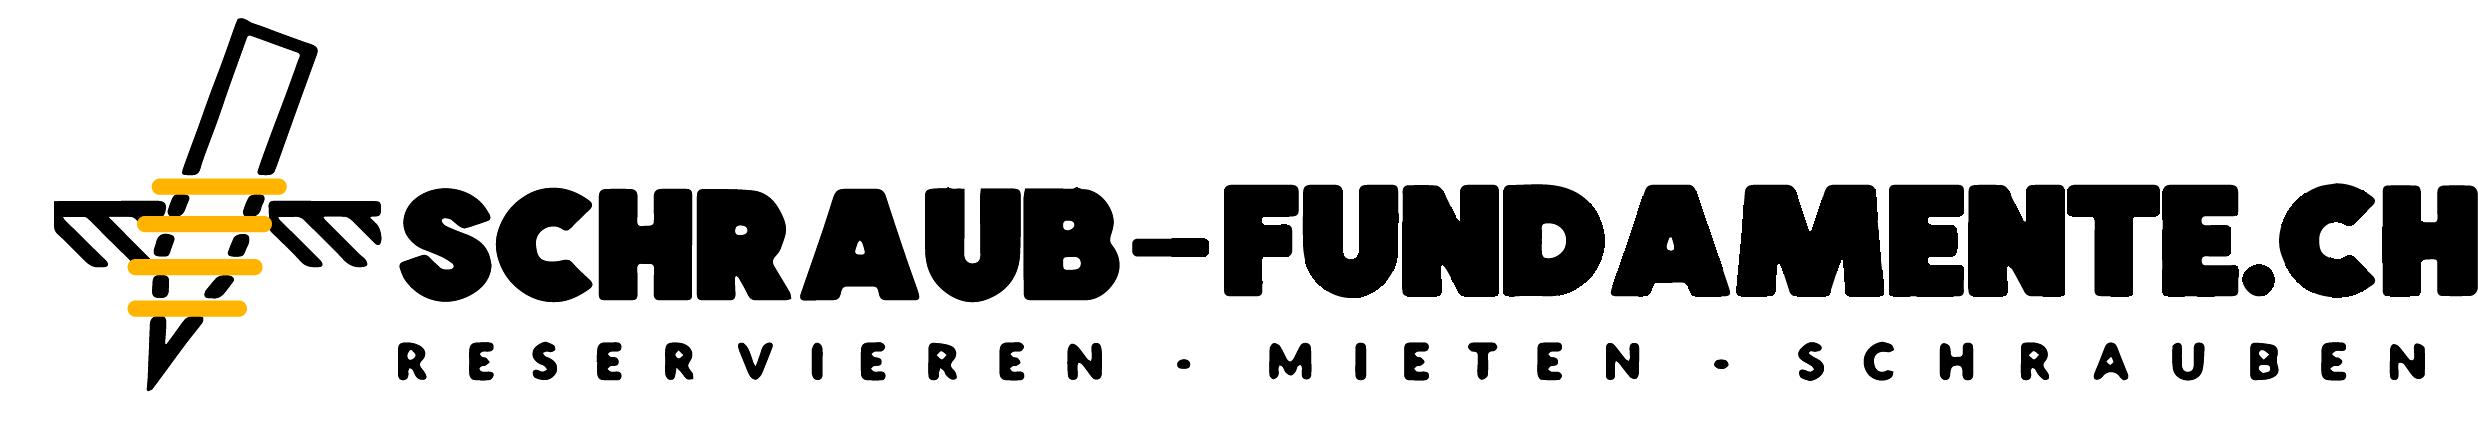 Schraub-Fundamente.ch